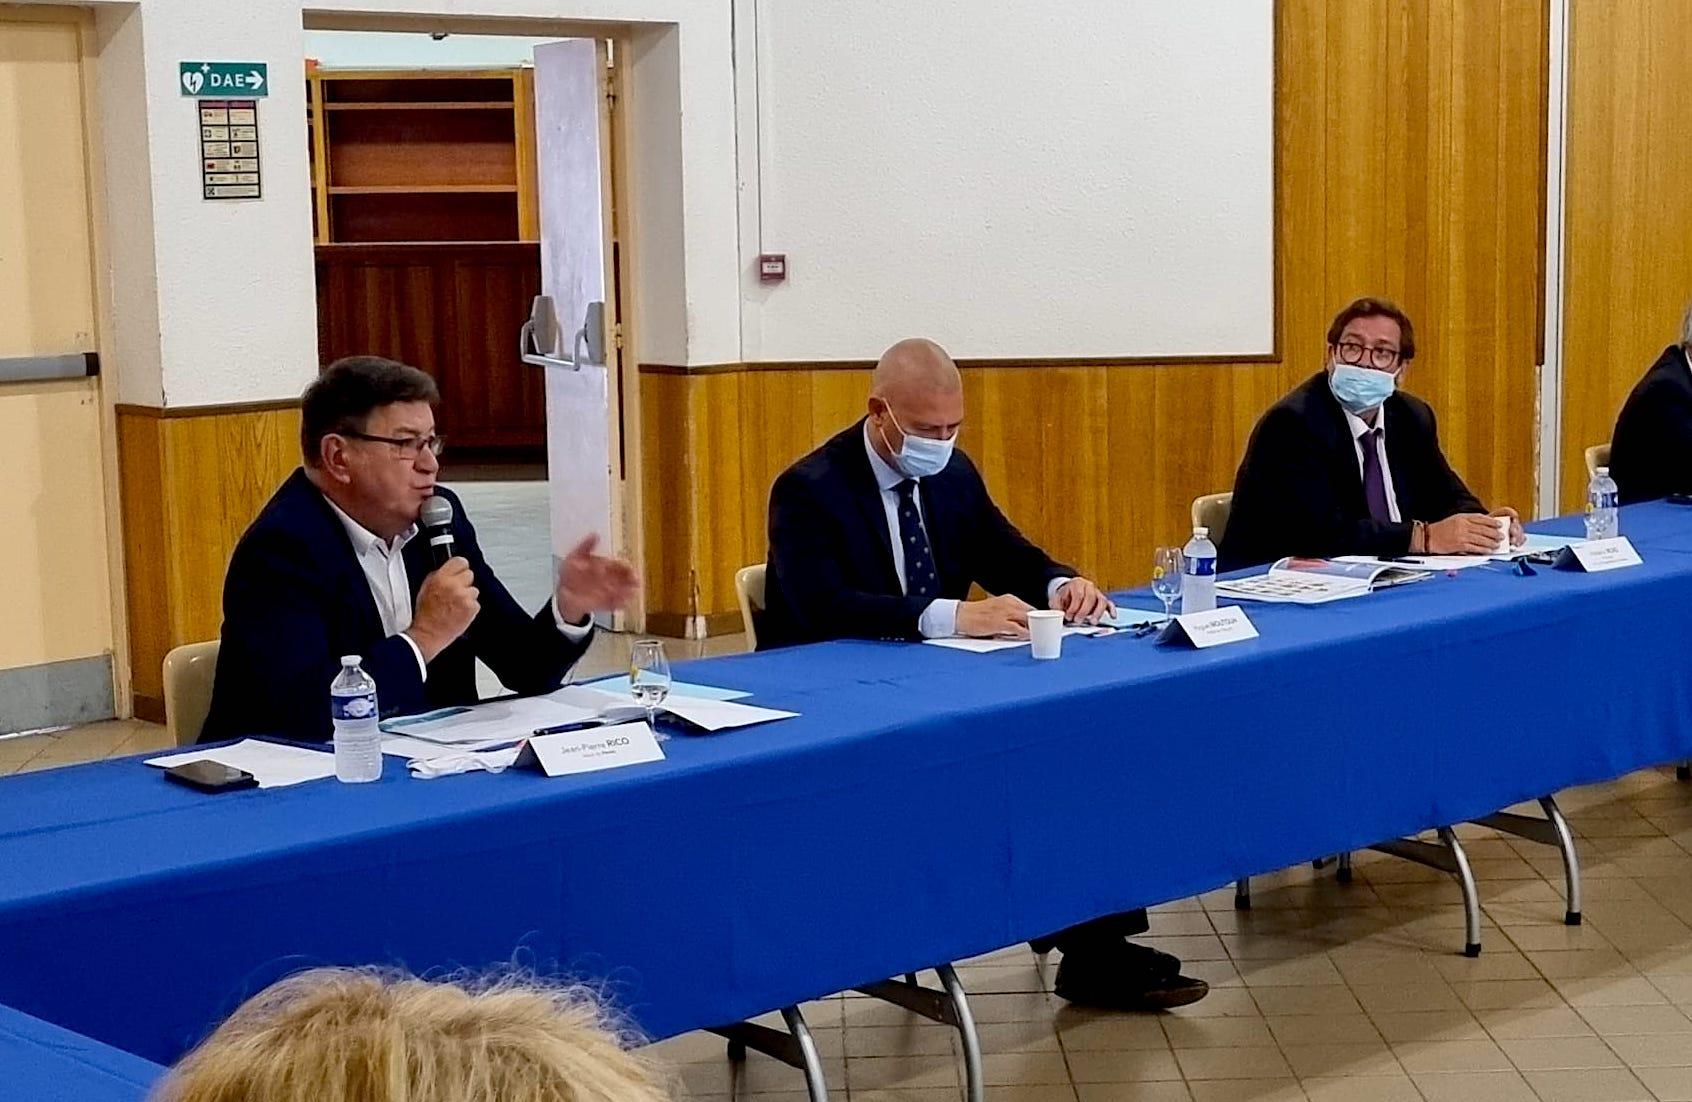 Réunion AMF34 à Pérols, Jean-Pierre Rico, Hugues Moutouh, Frédéric Roig - Septembre 2021 (©LMI)